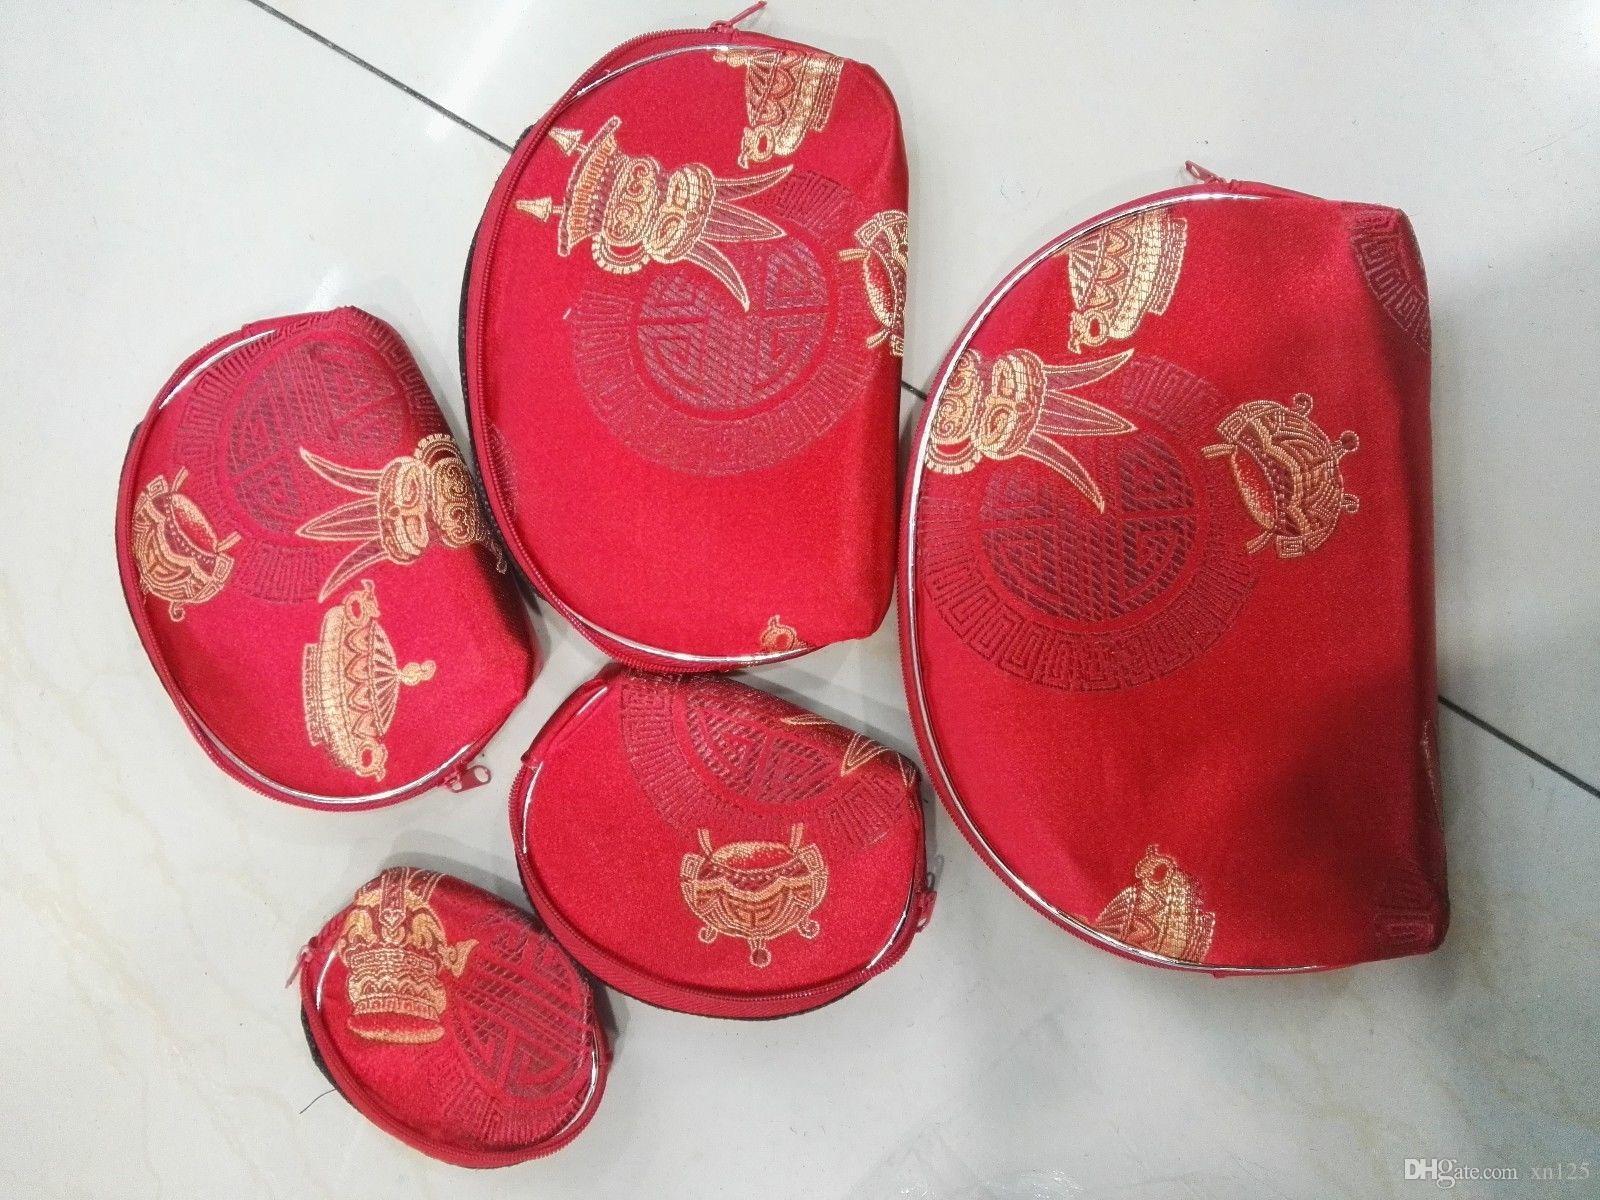 6794735a88 Compre Viagem Beleza Terno / Senhora Cetim Carteira Vermelha Make Up Bolsa  Bolsa Com Zíper Bolsa De Xn125, $21.09   Pt.Dhgate.Com